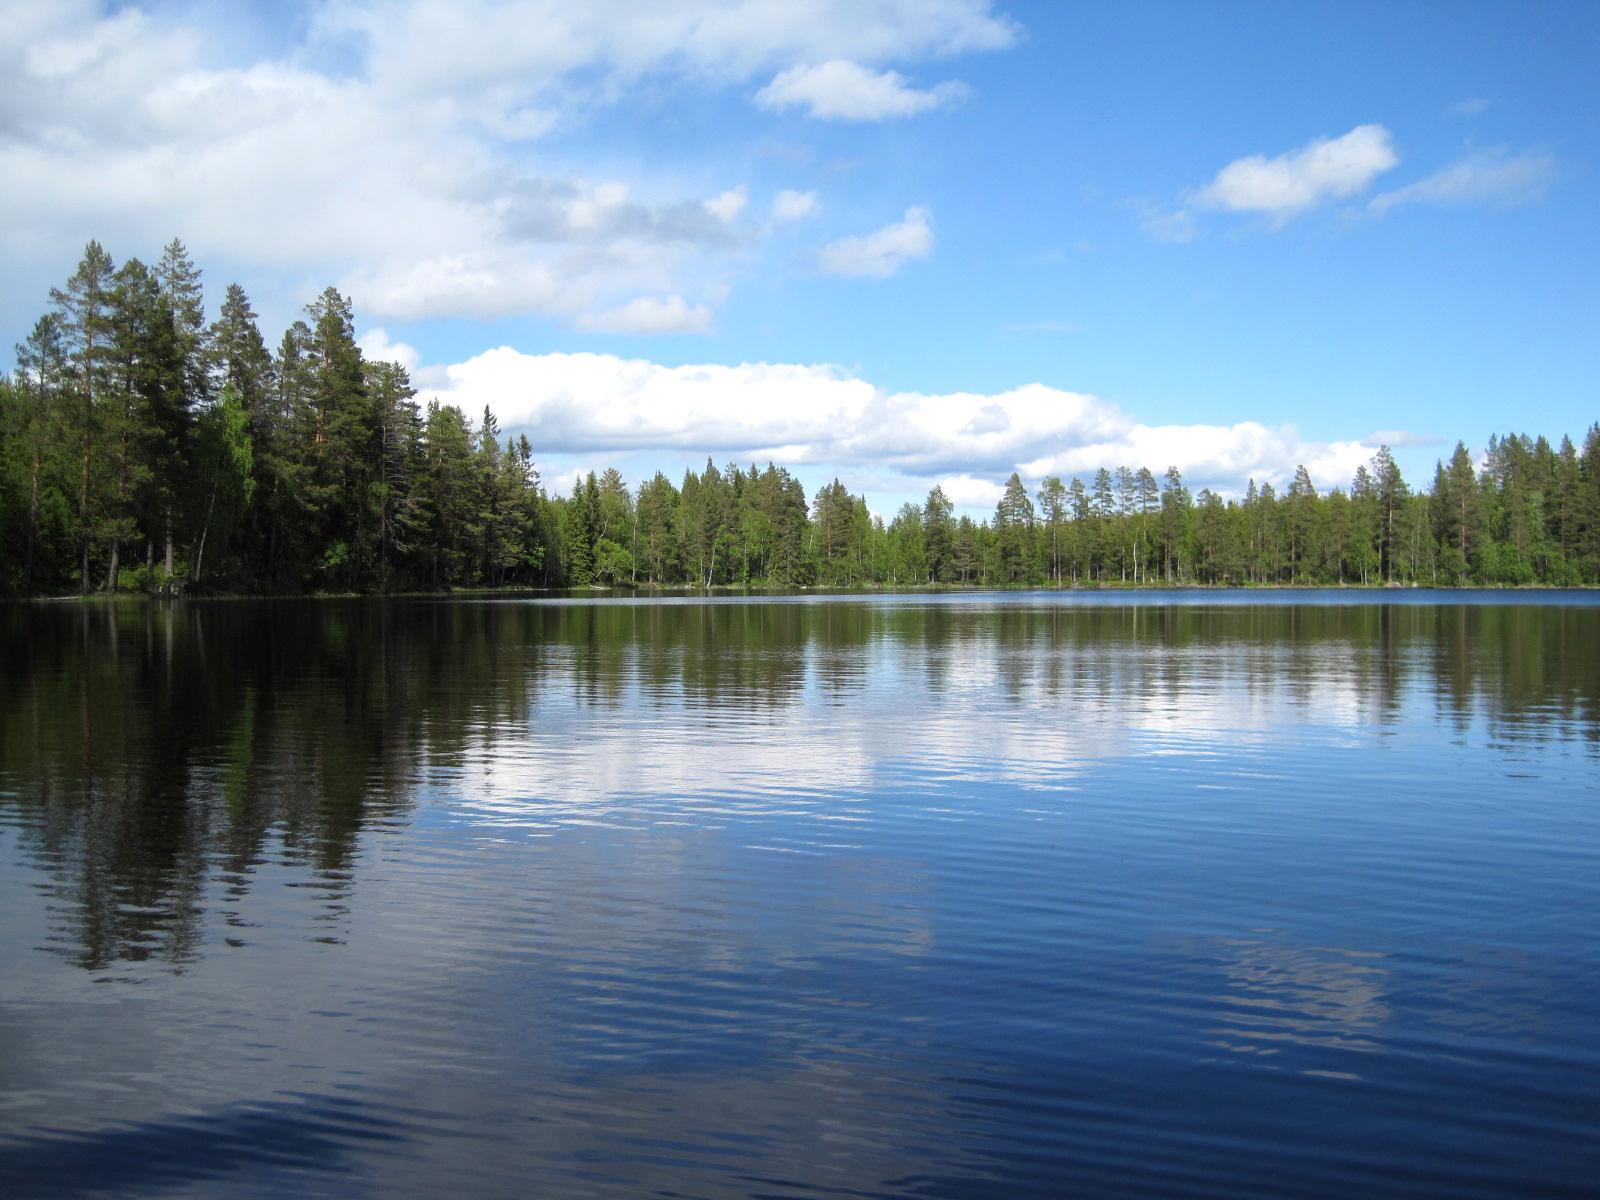 Flugfiske - Albacken Jakt & Fiske